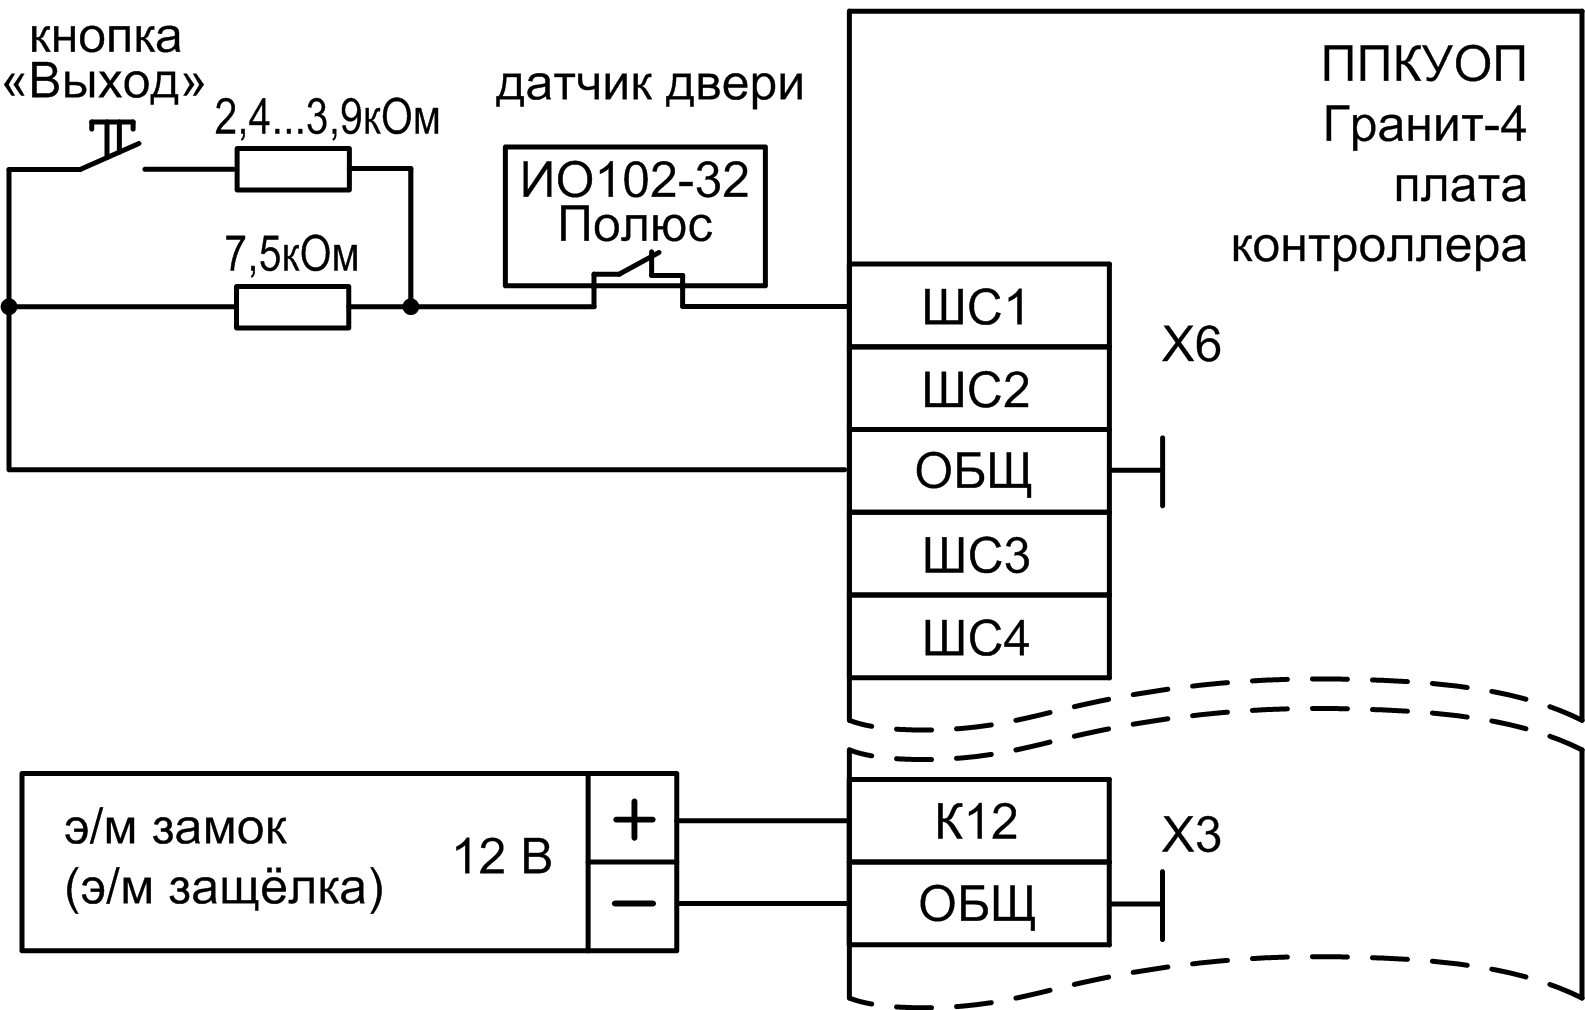 инструкция пользователя пки 02